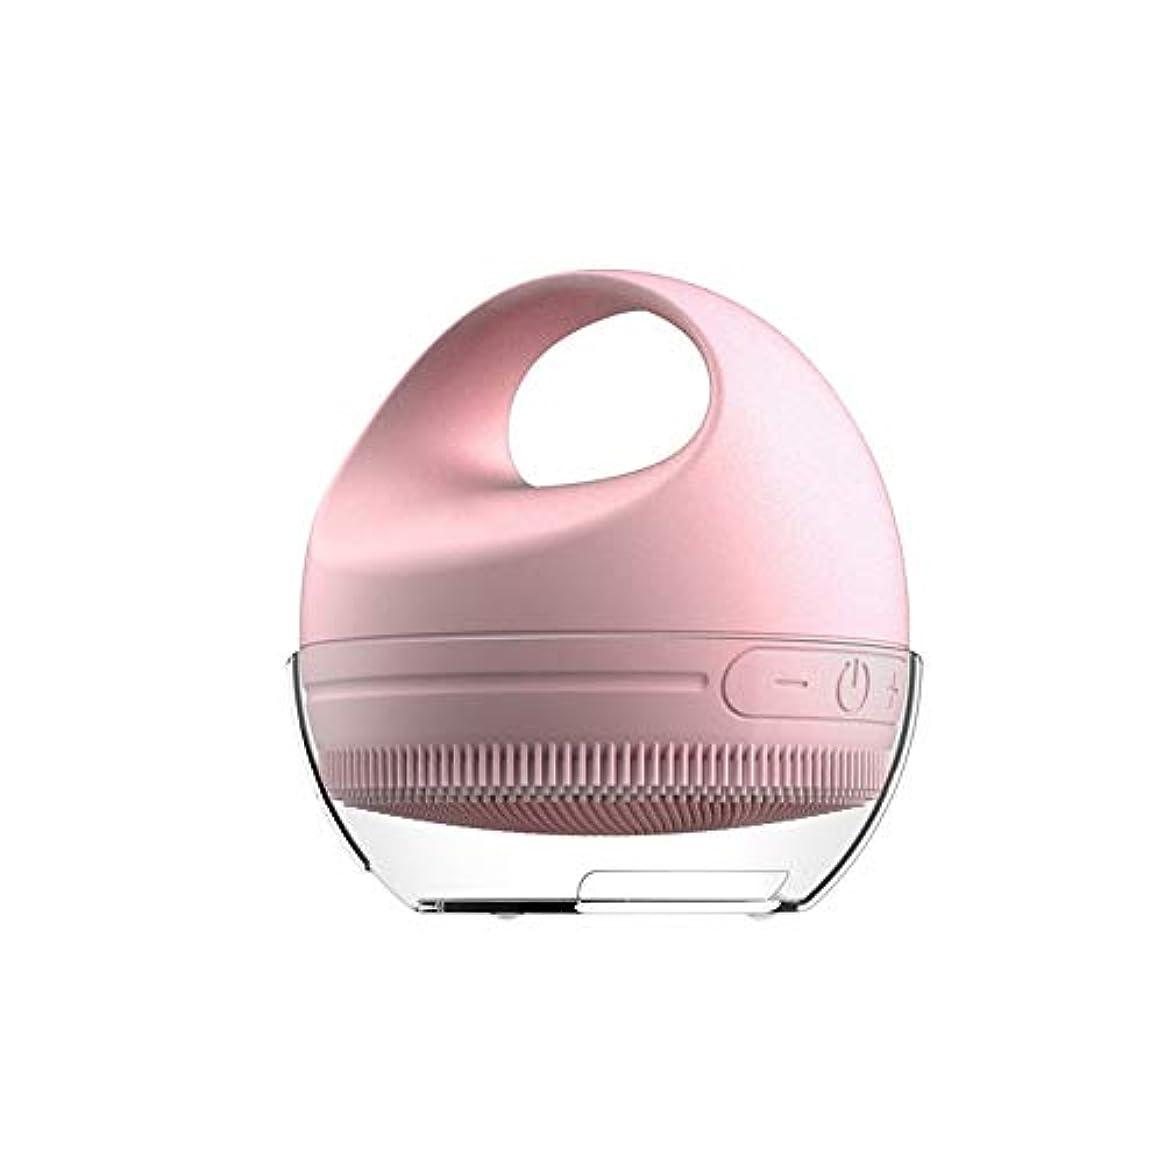 原子いらいらさせるフィードZXF 新しい電気シリコーンクレンジングブラシインテリジェントタイミング暖かい感覚クレンジング医療用シリコーン防水抗菌クリーン自己乾燥クレンジング楽器 滑らかである (色 : Pink)